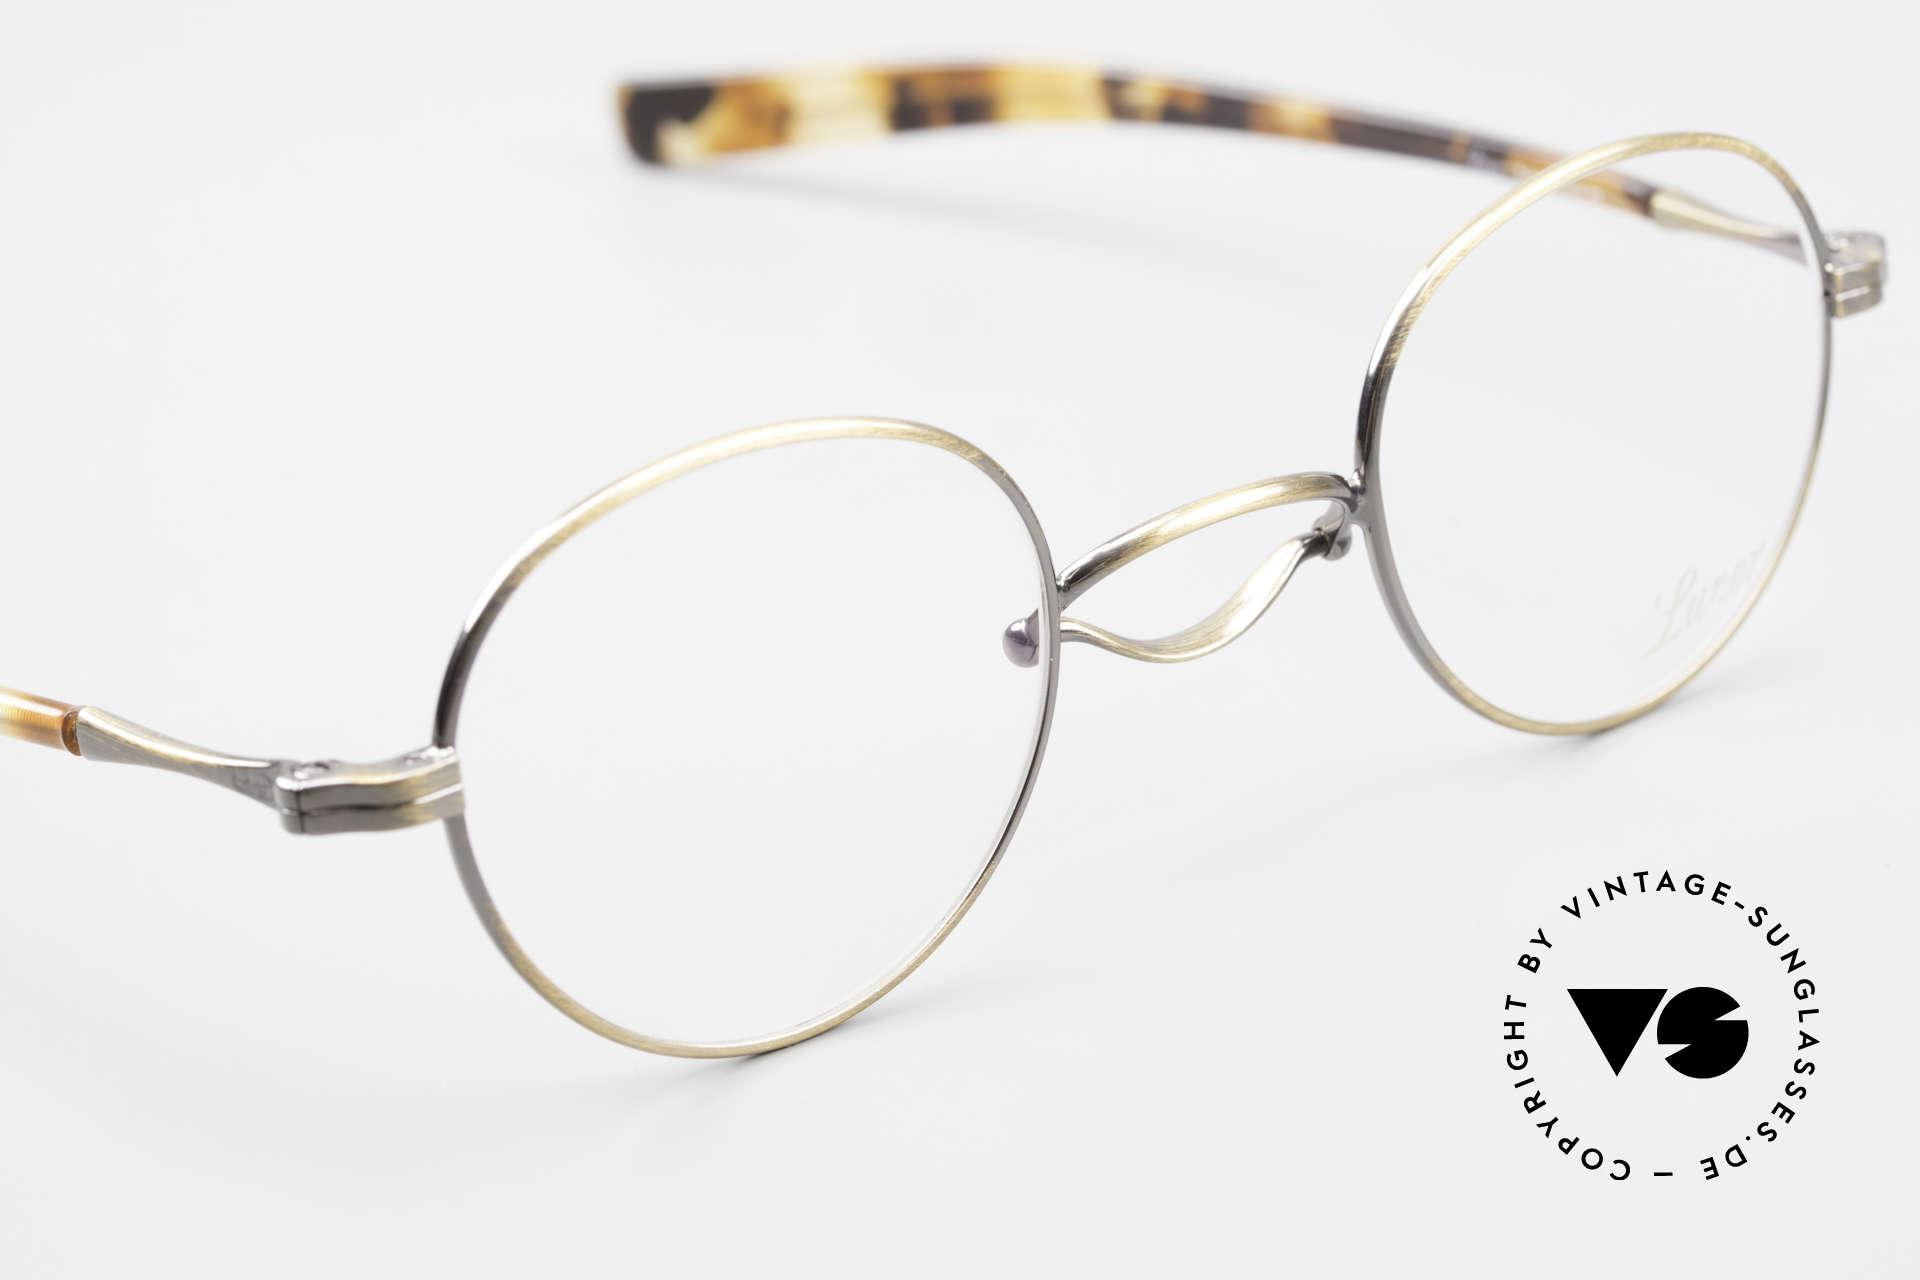 Lunor Swing A 32 Panto Vintage Brille Mit Schaukelsteg, die orig. Demogläser können beliebig ersetzt werden, Passend für Herren und Damen